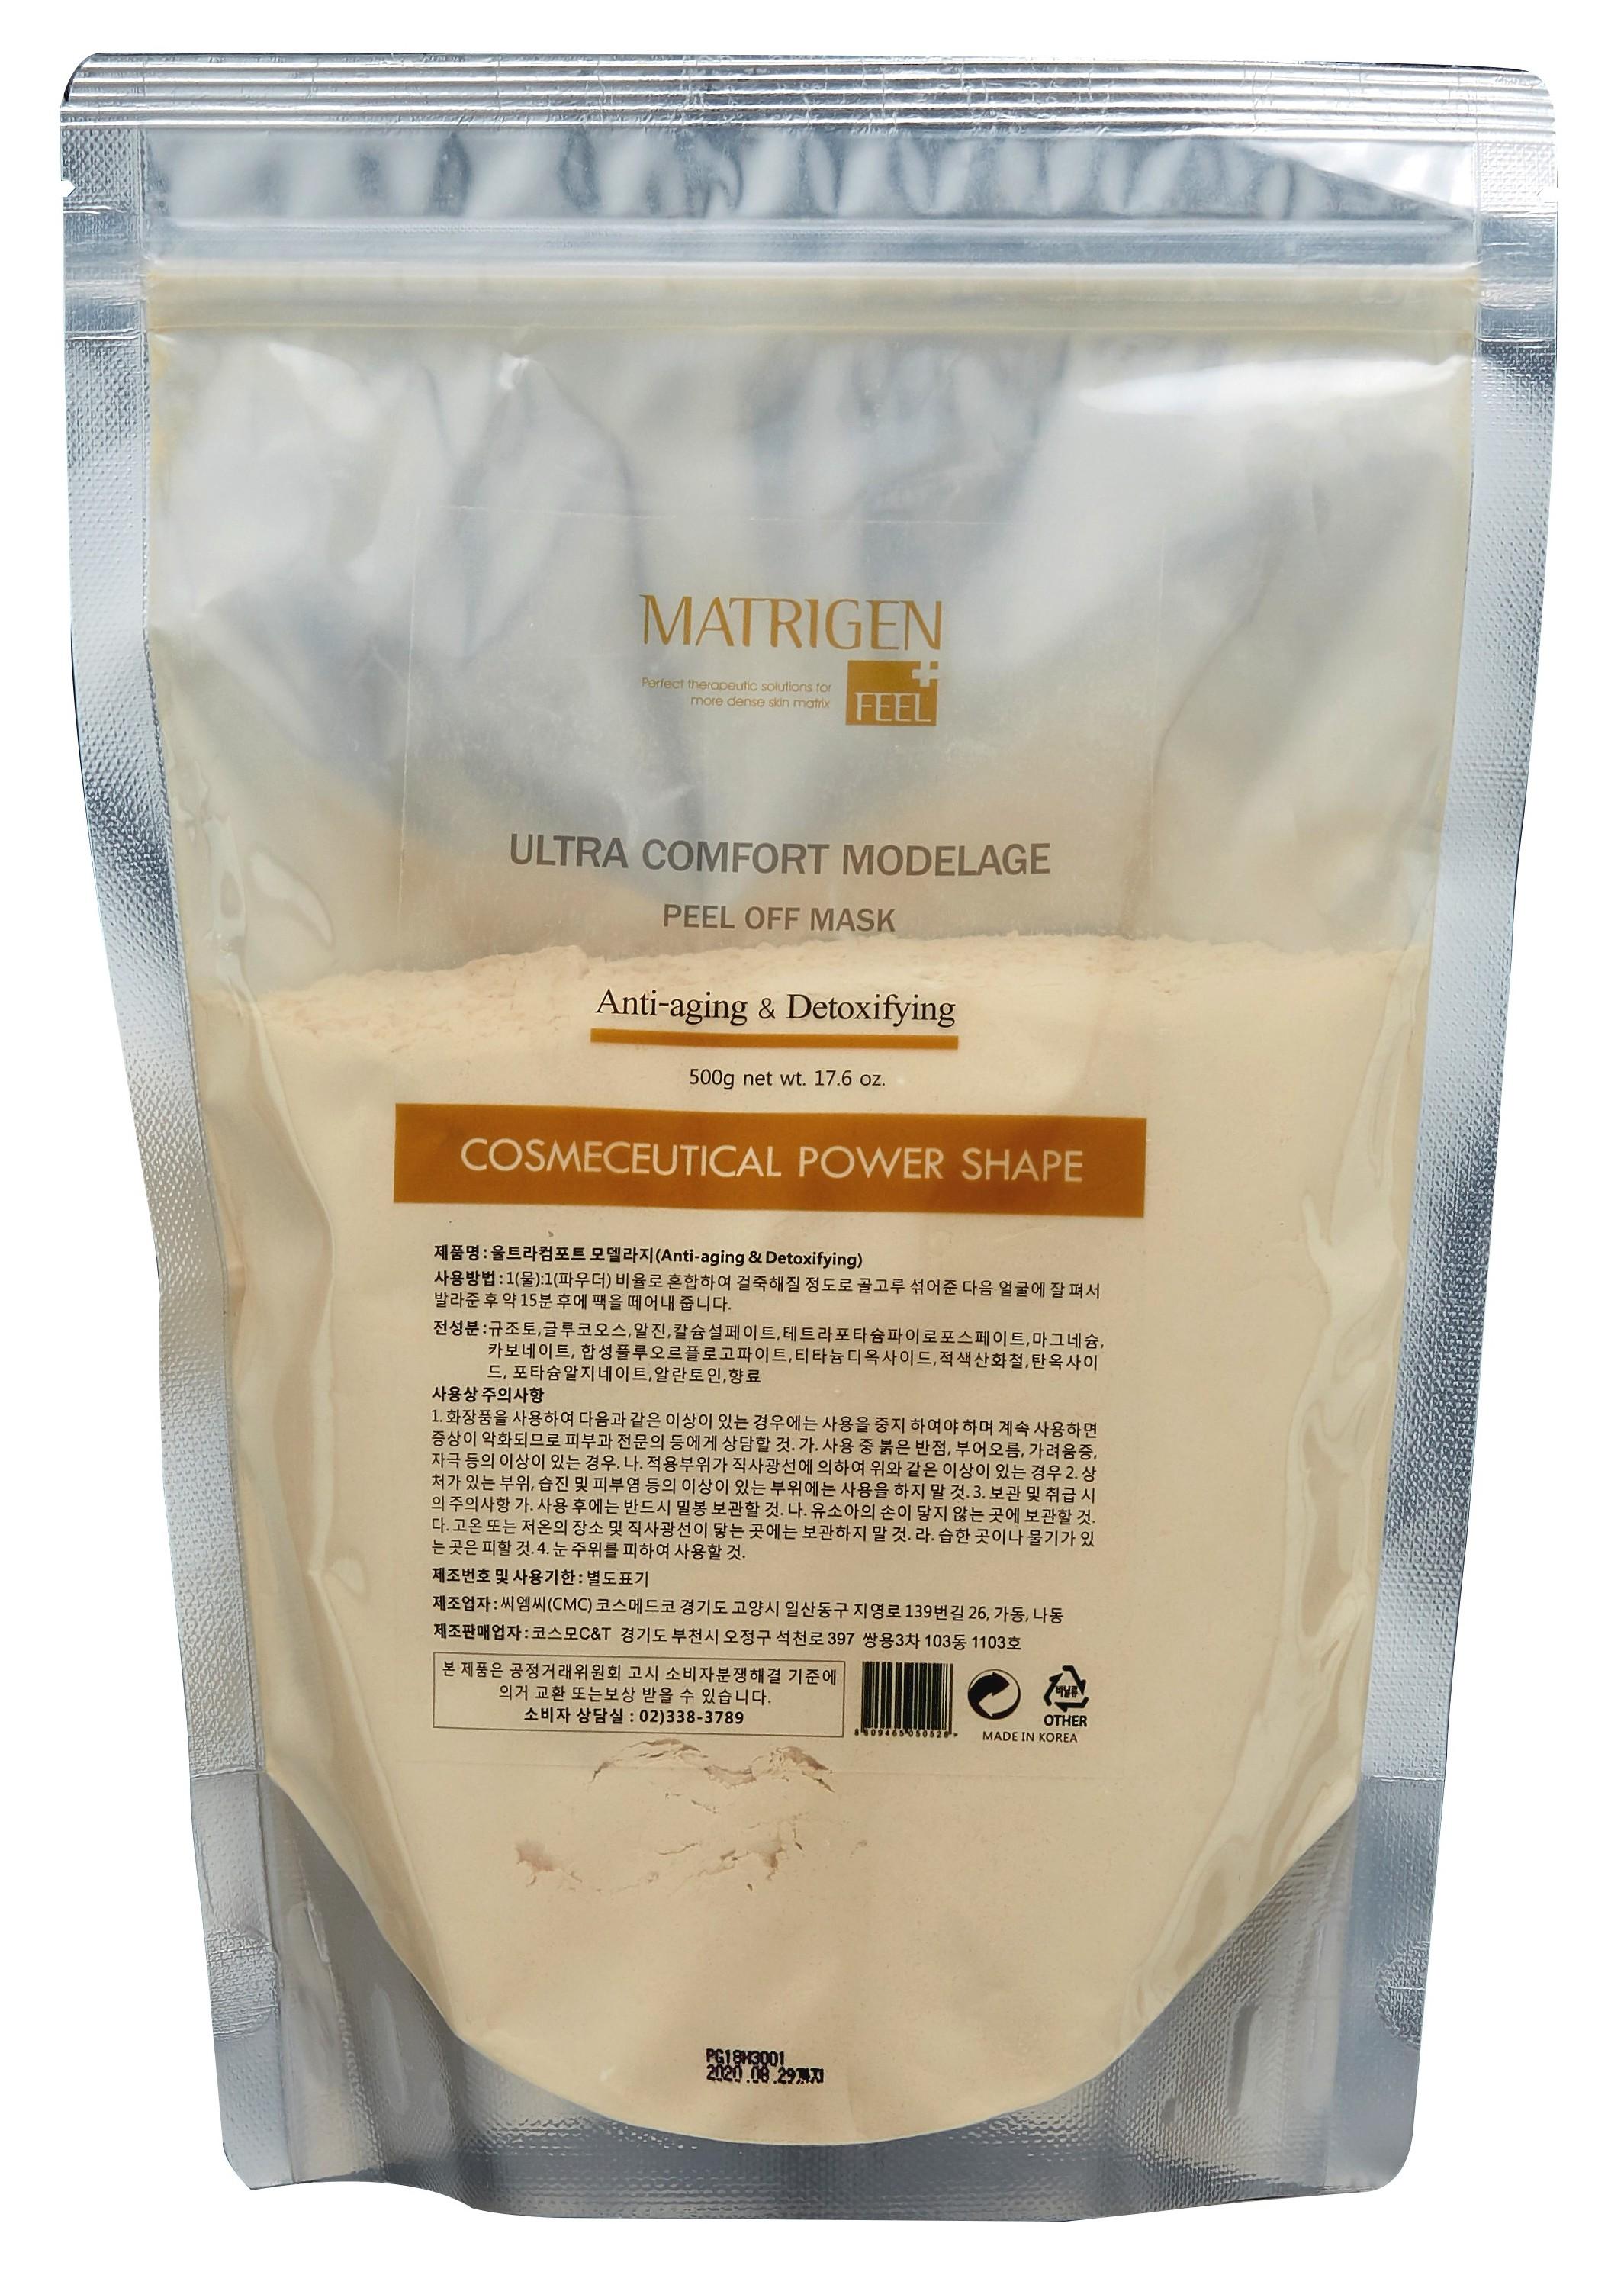 Купить MATRIGEN Маска-детокс альгинатная омолаживающая / Ultra Comfort Modelage Peel off mask Anti-aging & Detoxifying 500 г